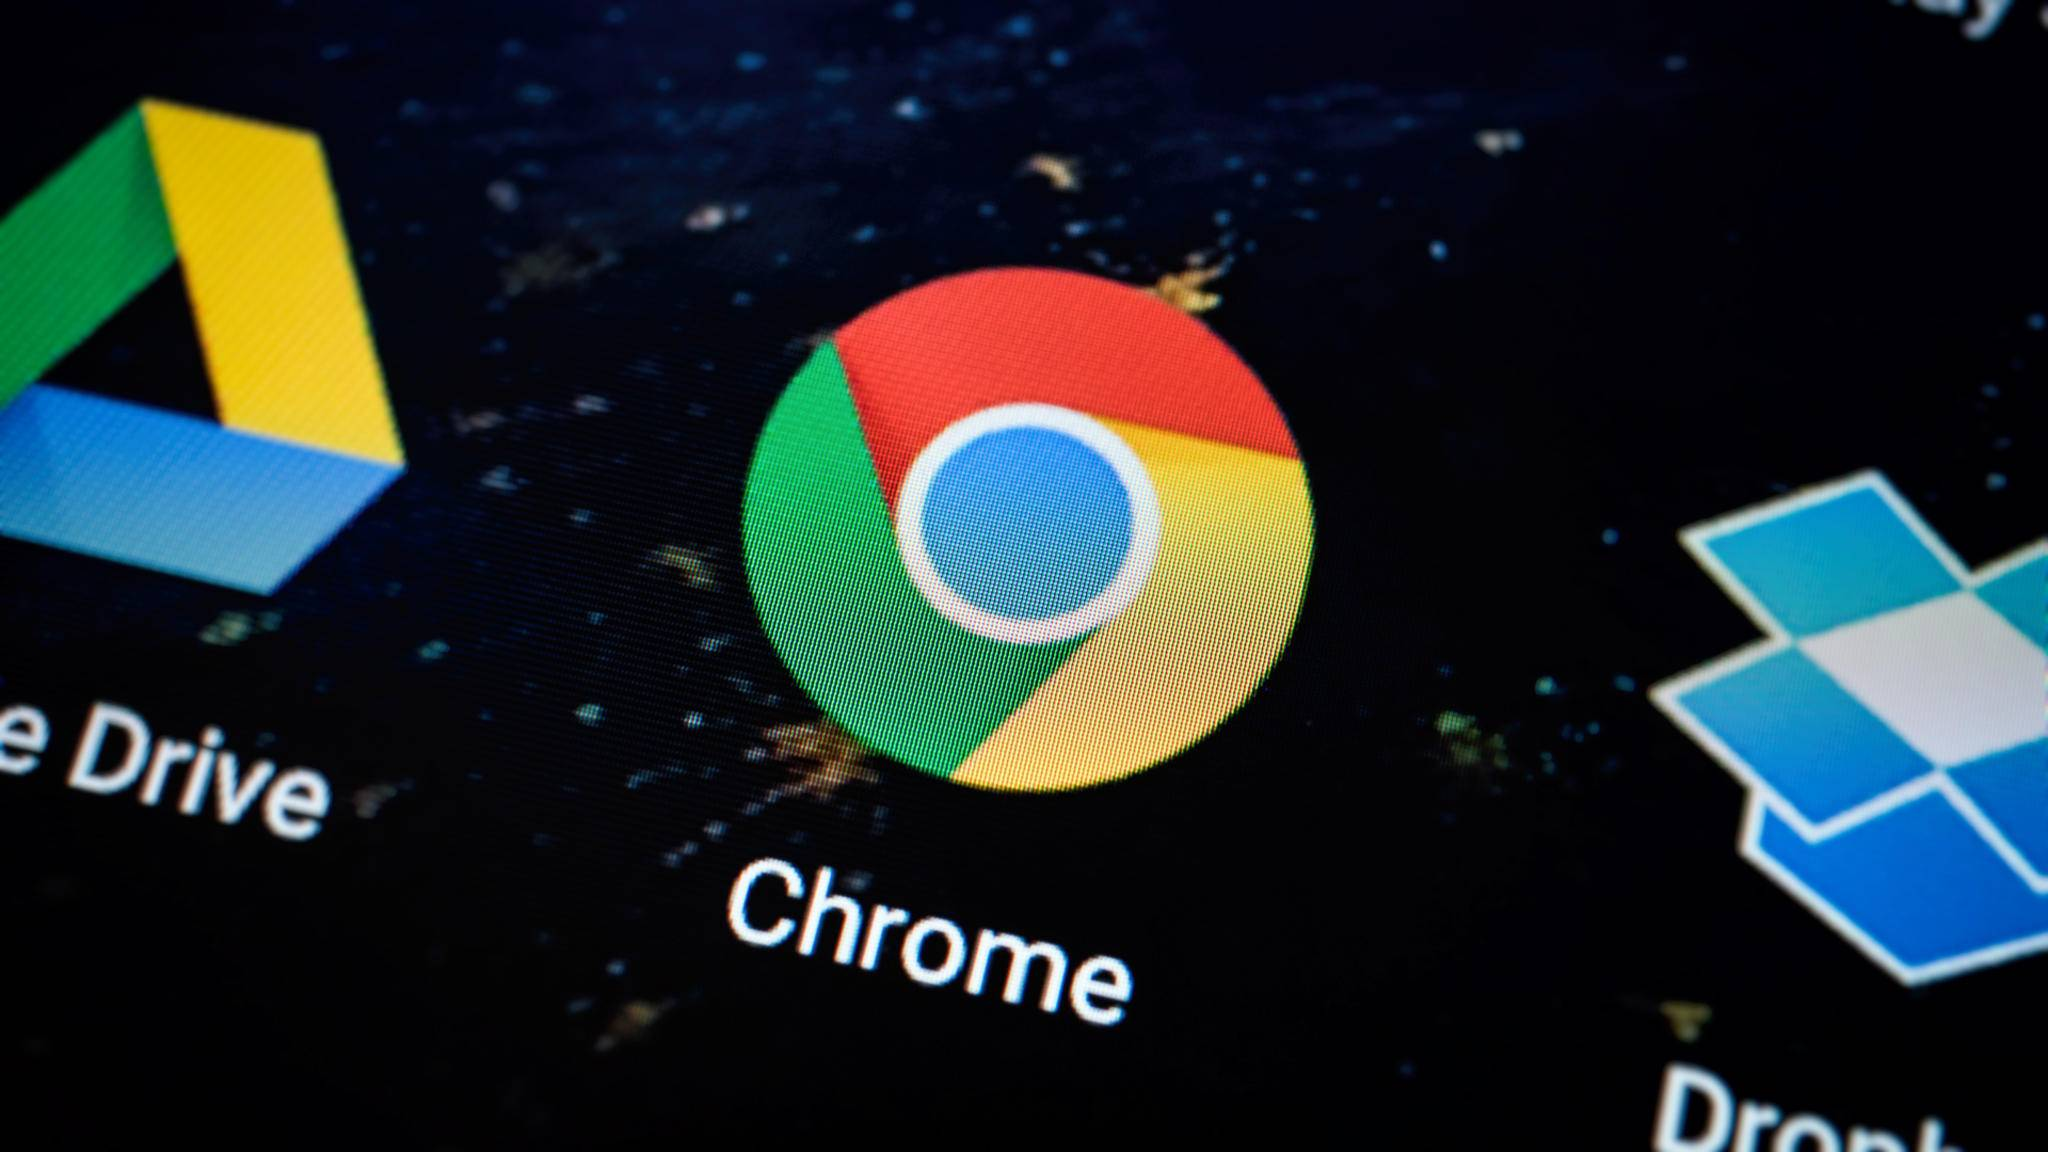 Auch unter Android kannst Du in Chrome eine Startseite festlegen.